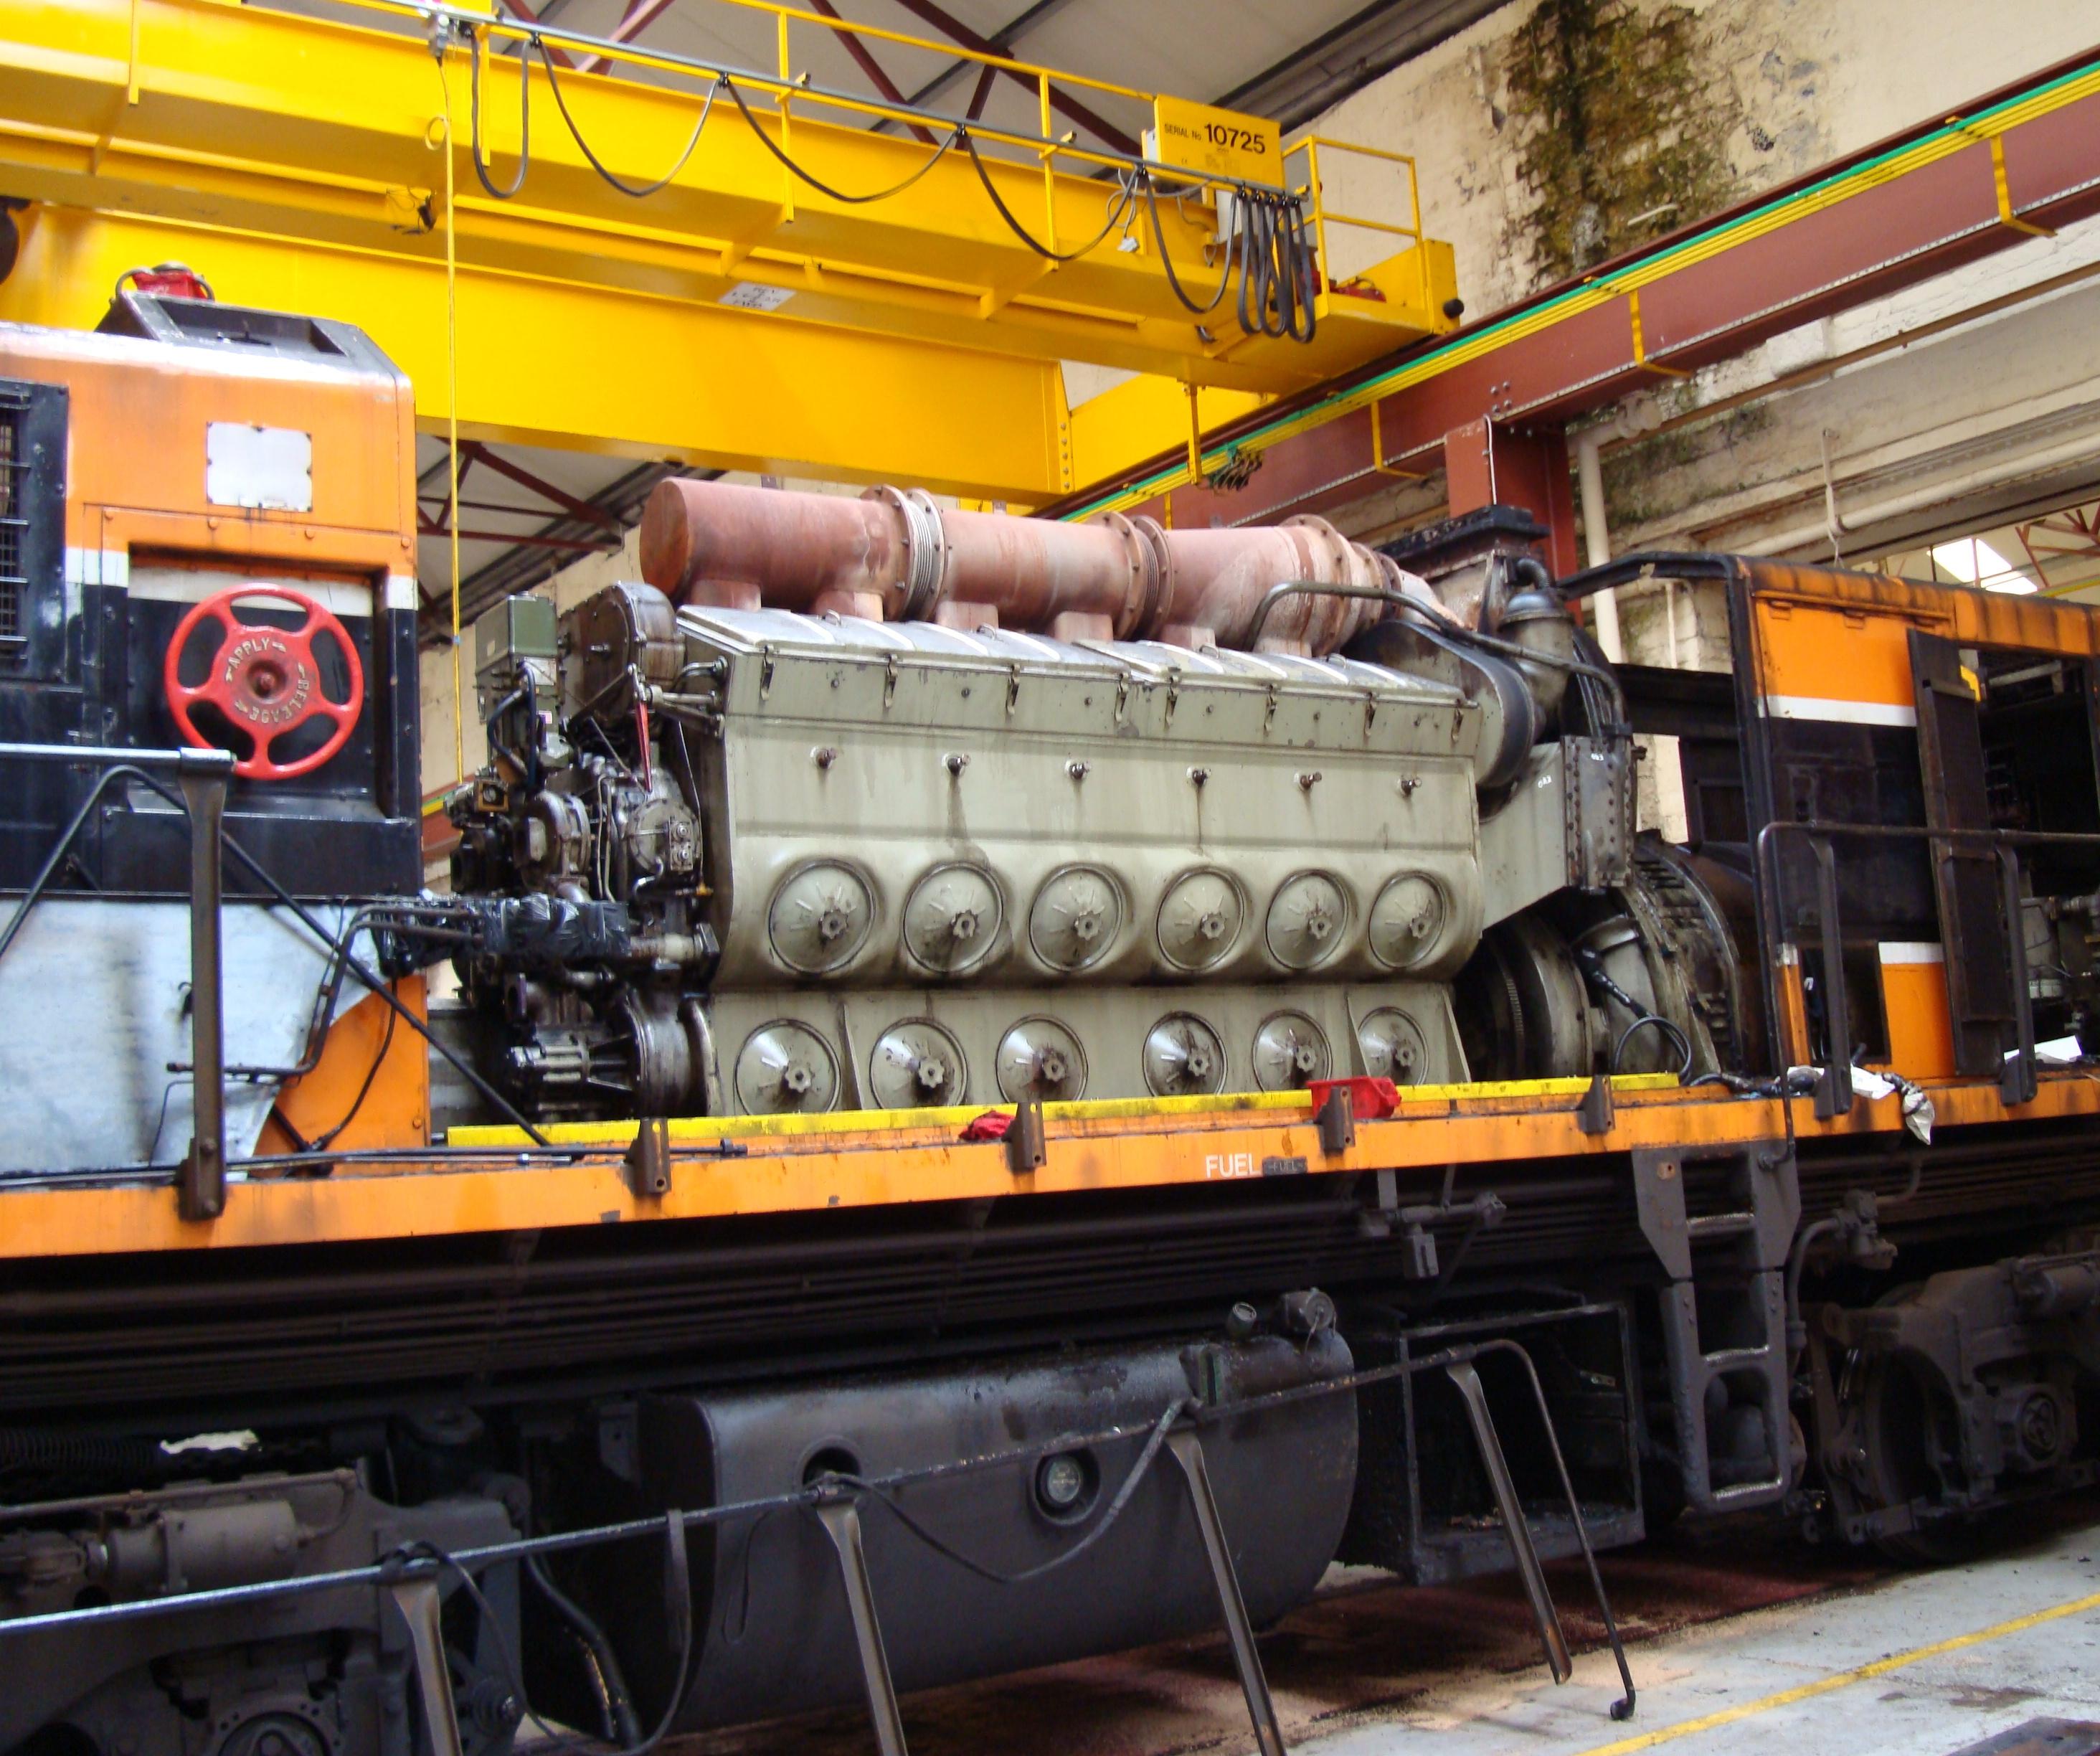 Engine on Caterpillar Marine Diesel Engines